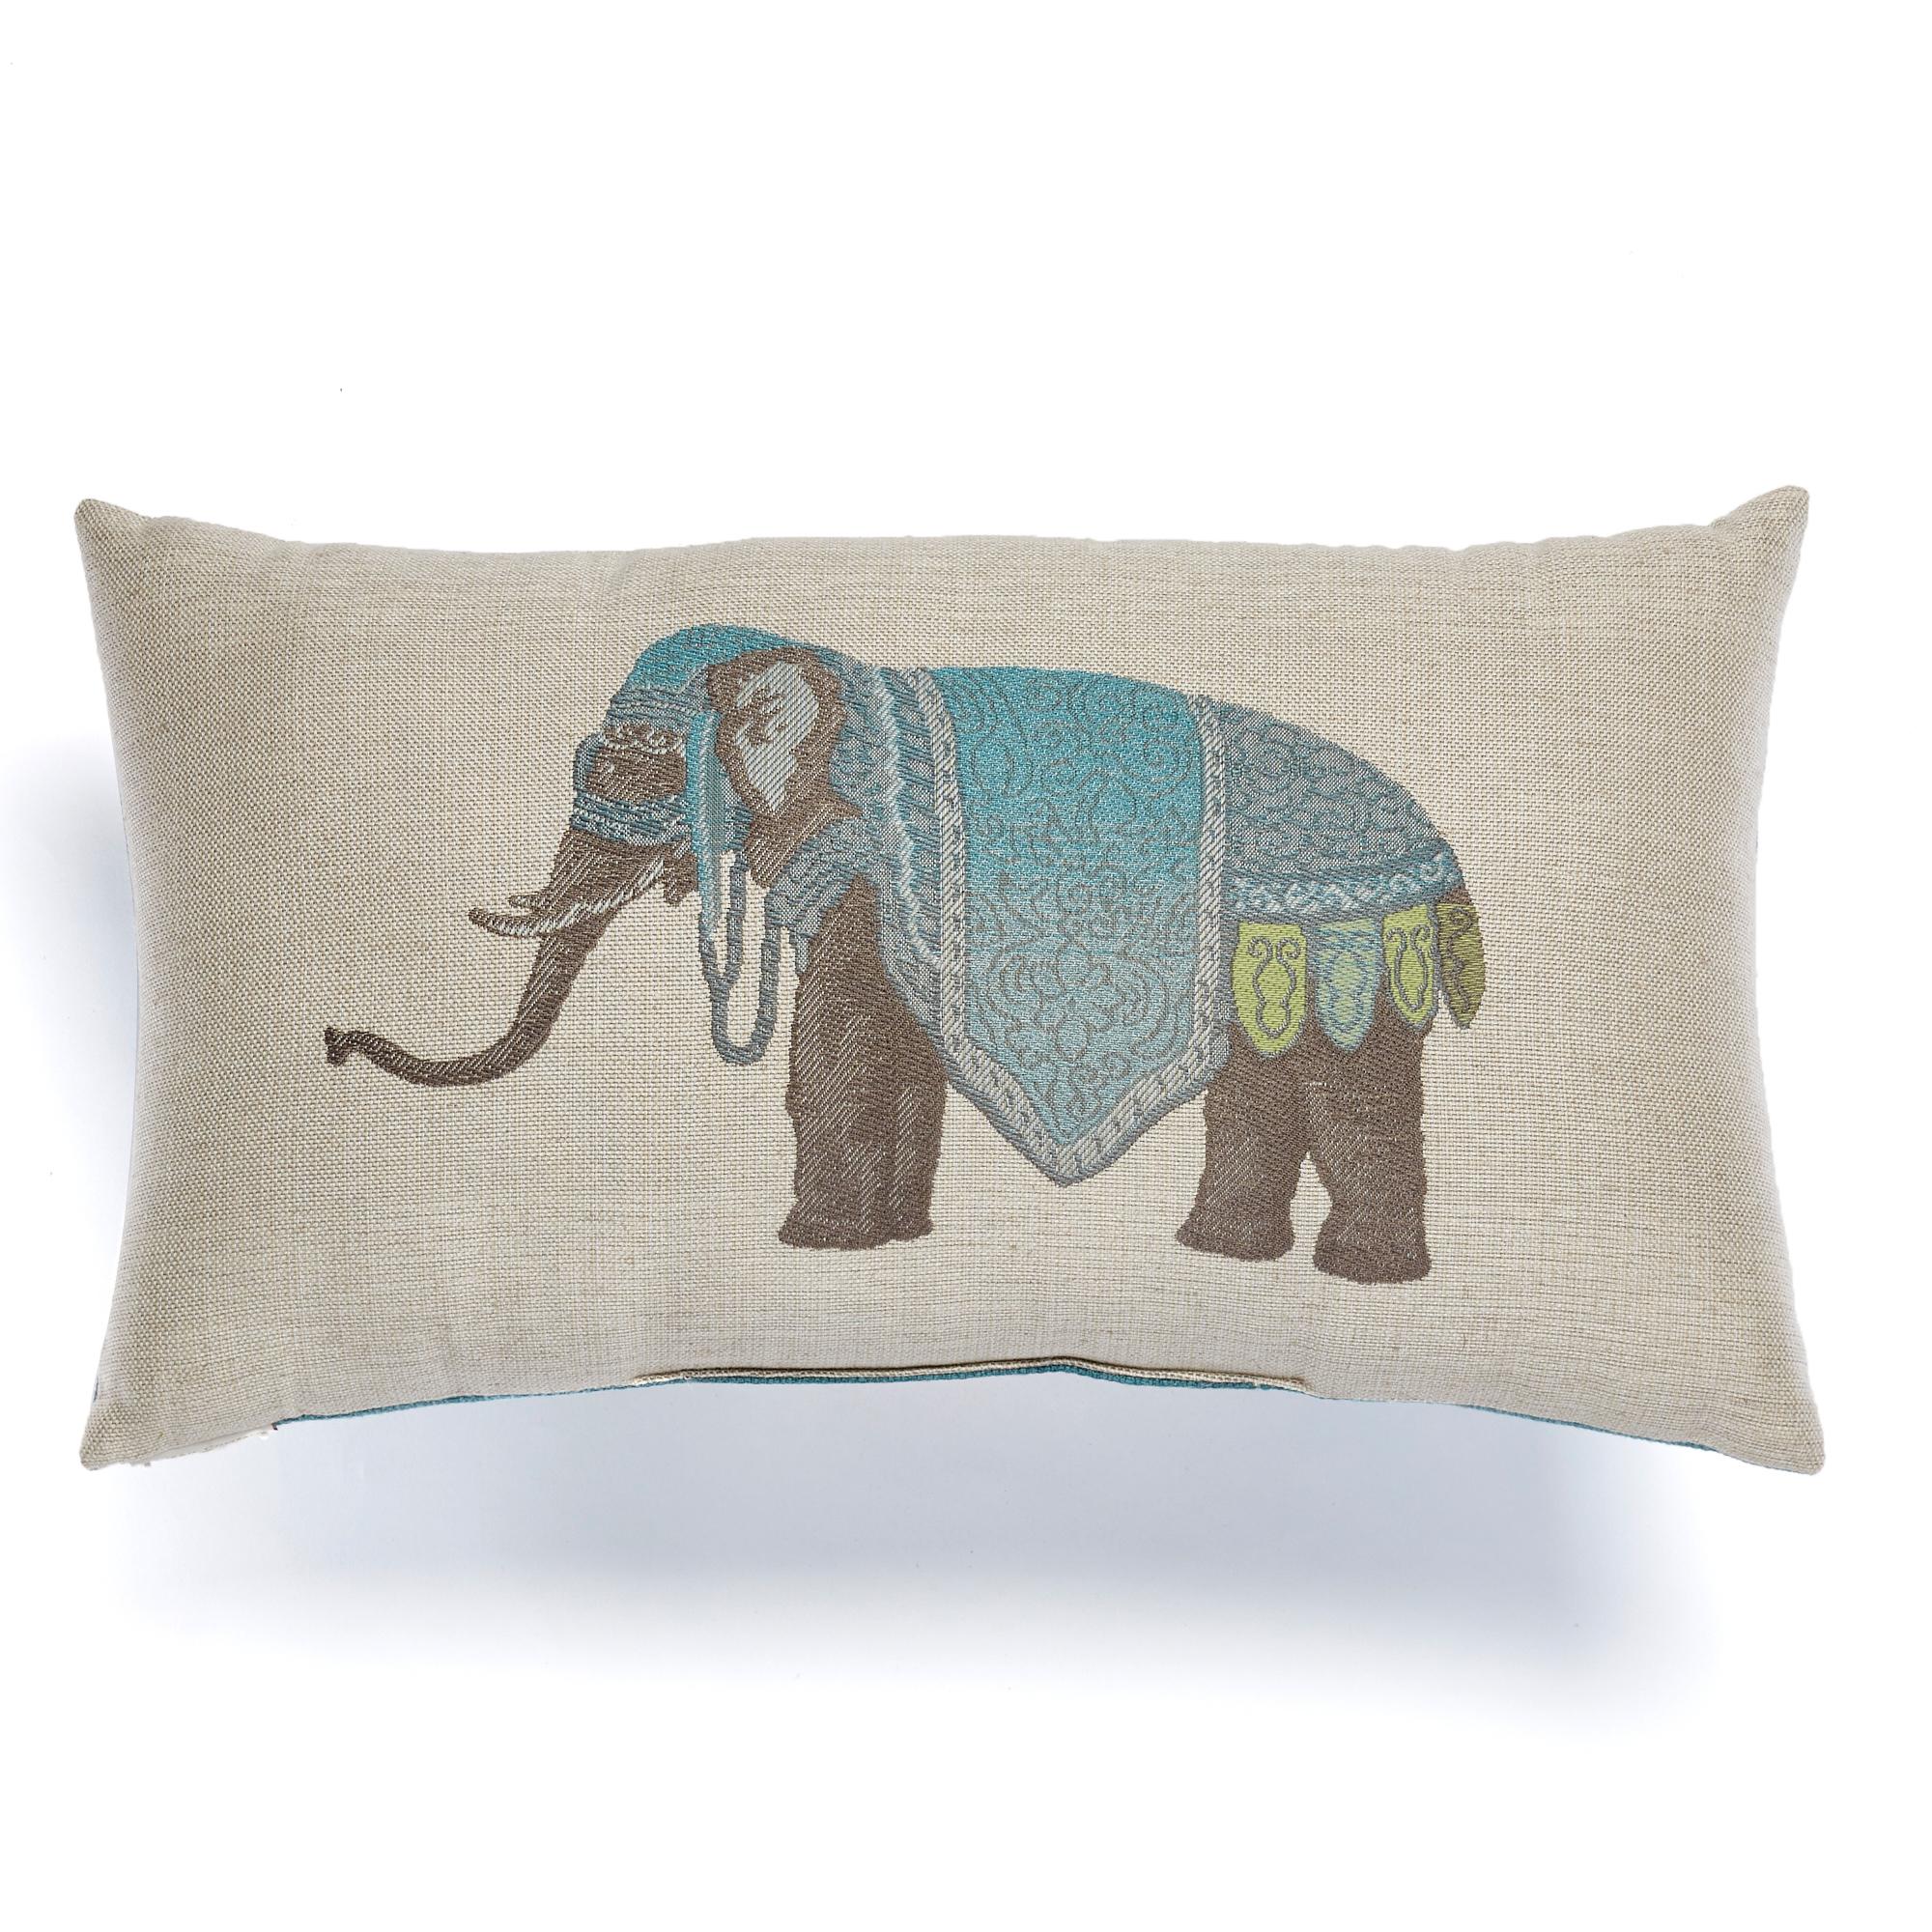 Throw Pillows Home : Decorative & Throw Pillows Gump s San Francisco